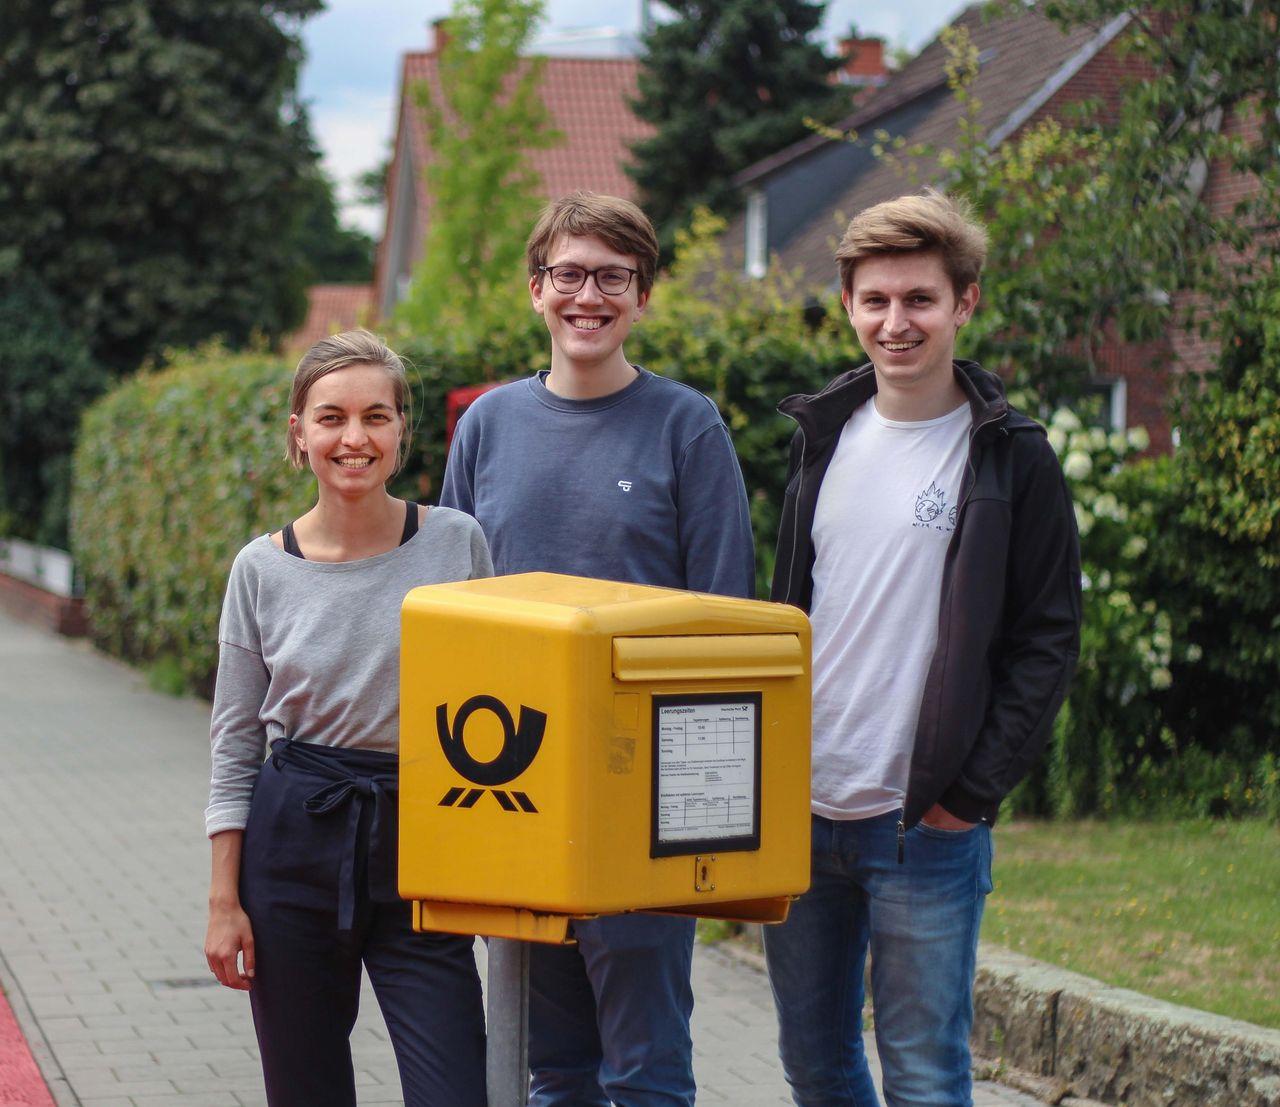 Jule Heinz-Fischer, Albert Wenzel und Leon Herbstmann hinter einem Briefkasten